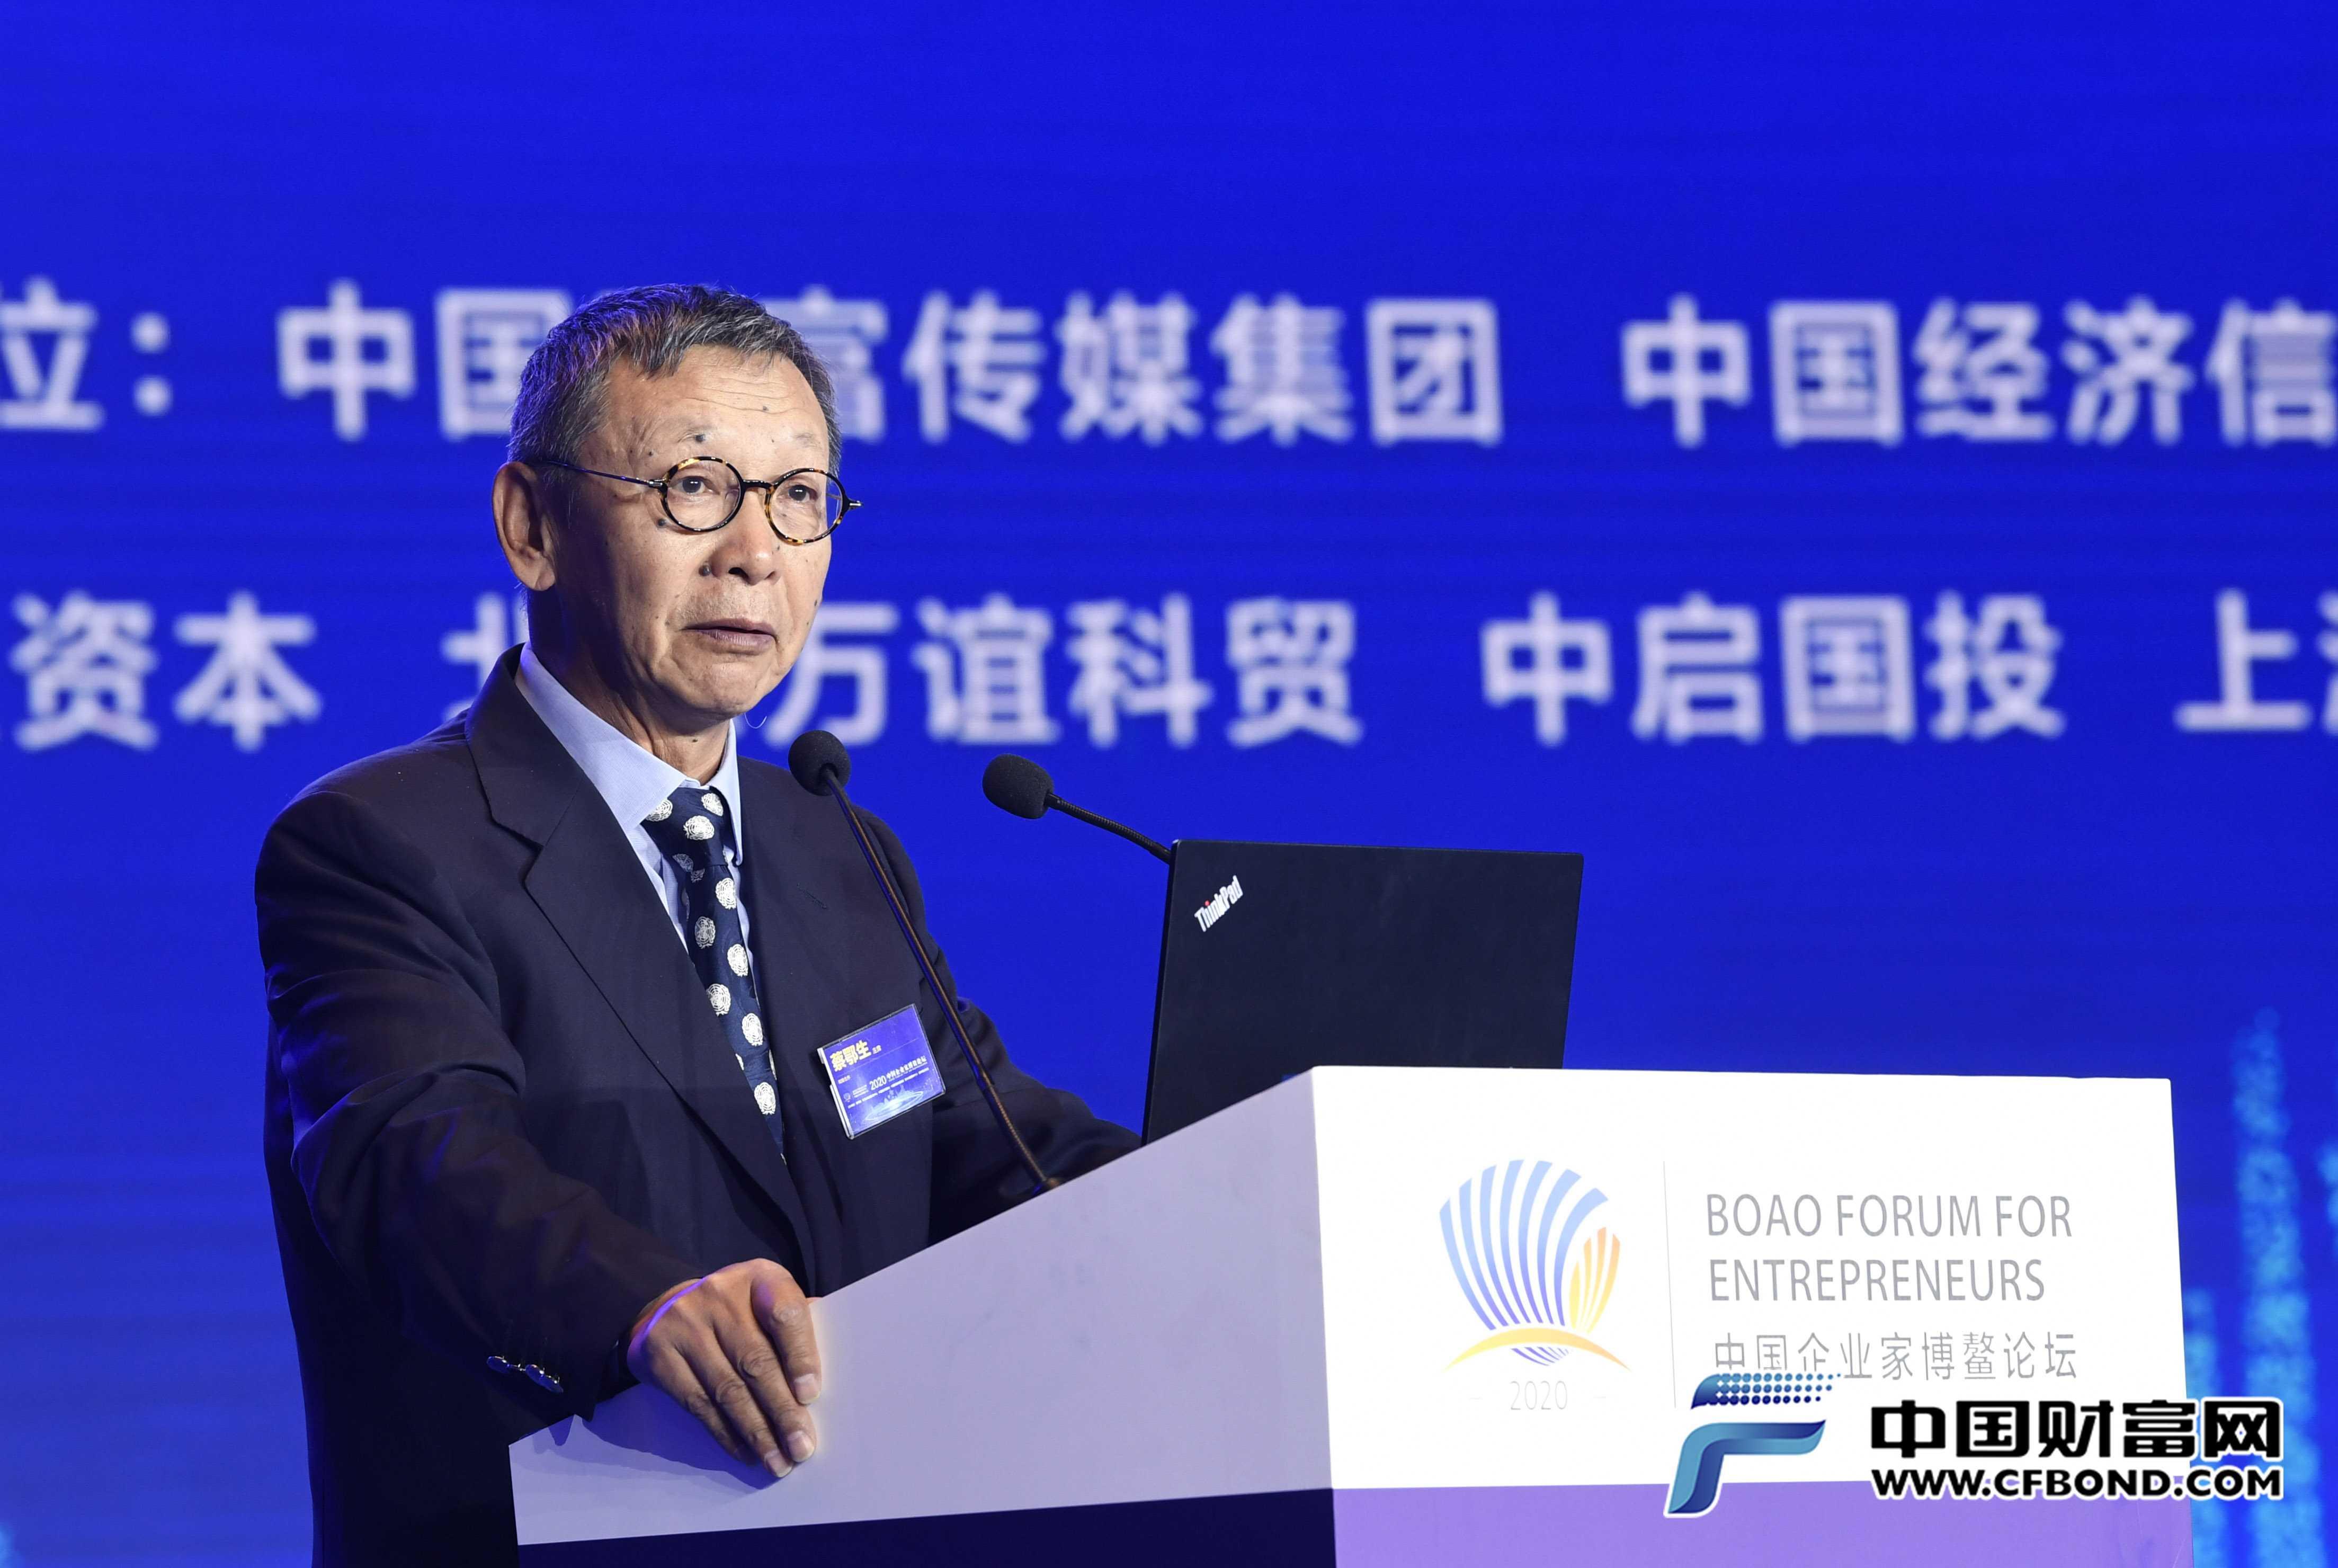 原中国银监会副主席、南南合作金融中心主席蔡鄂生